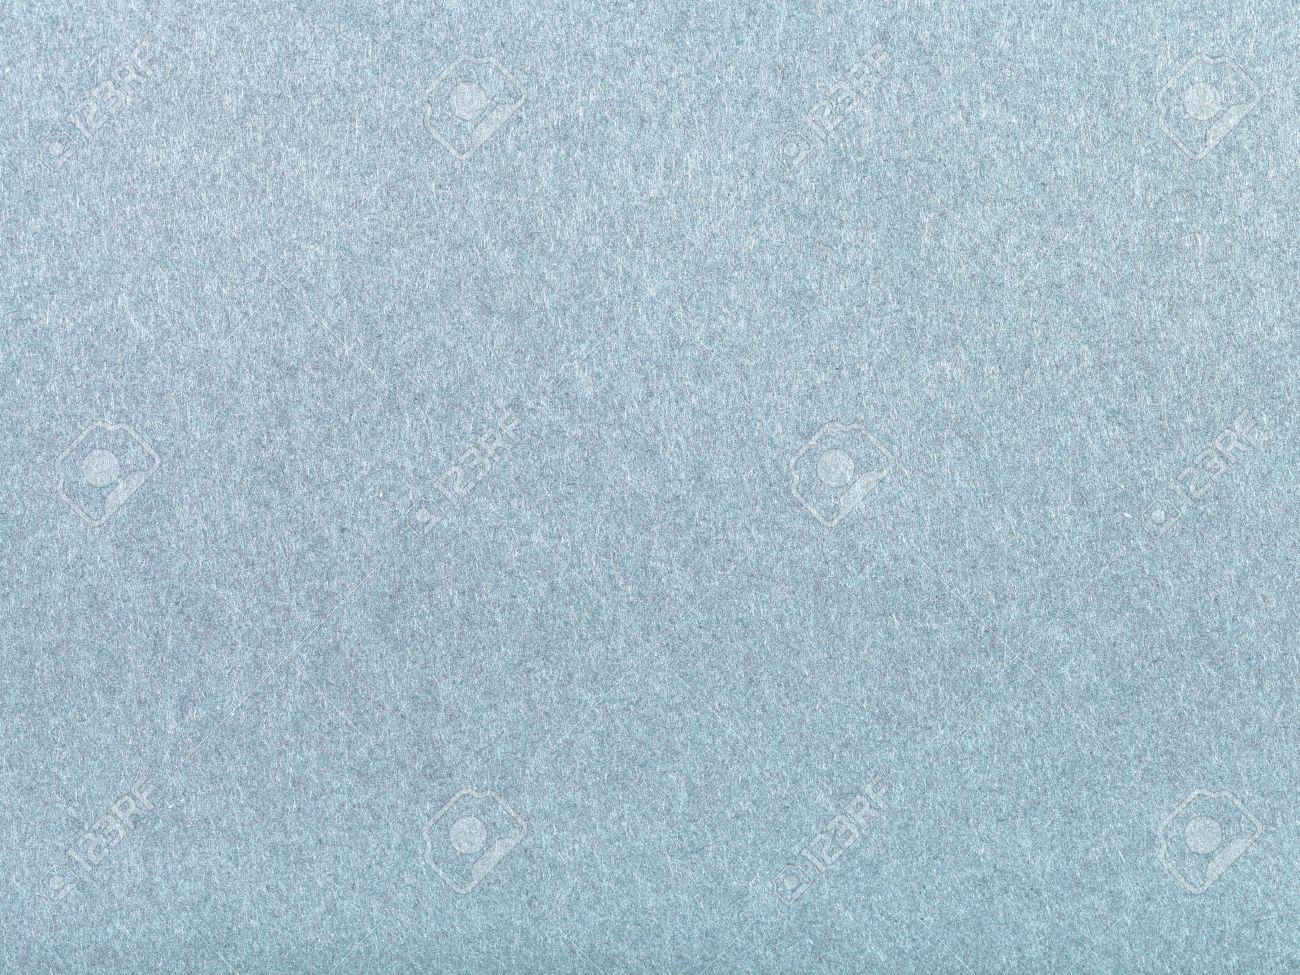 fond de feuille de couleur bleu gris papier de fibres de près banque